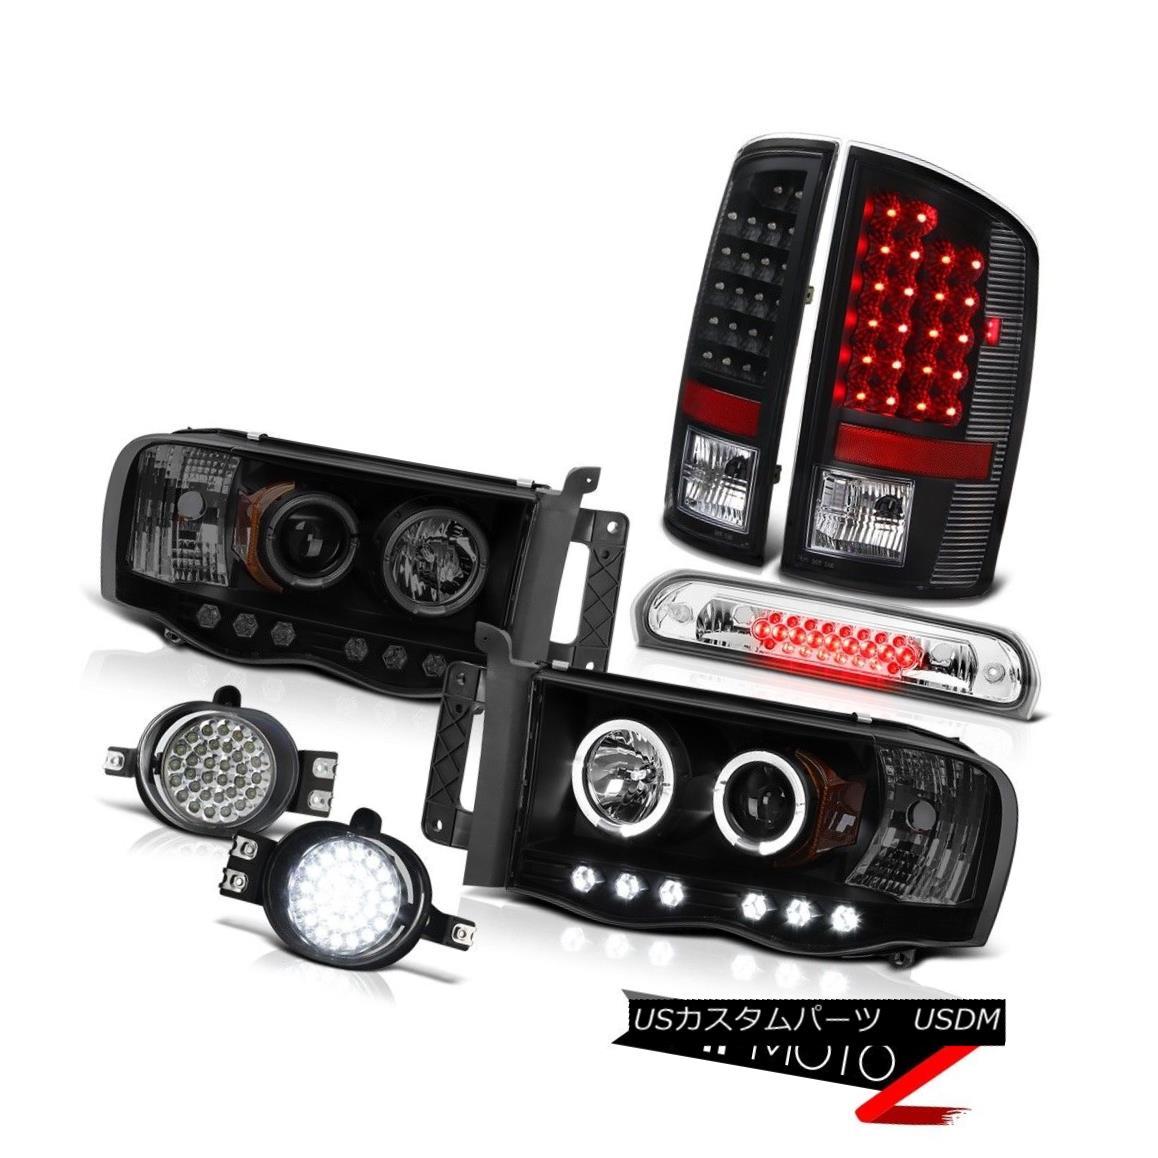 テールライト 02-2005 Ram SINSTER BLACK Headlights LED Tail Lights DRLamps Fog Roof Stop Clear 02-2005 Ram SINISTER BLACKヘッドライトLEDテールライトランプフォグルーフストップクリア